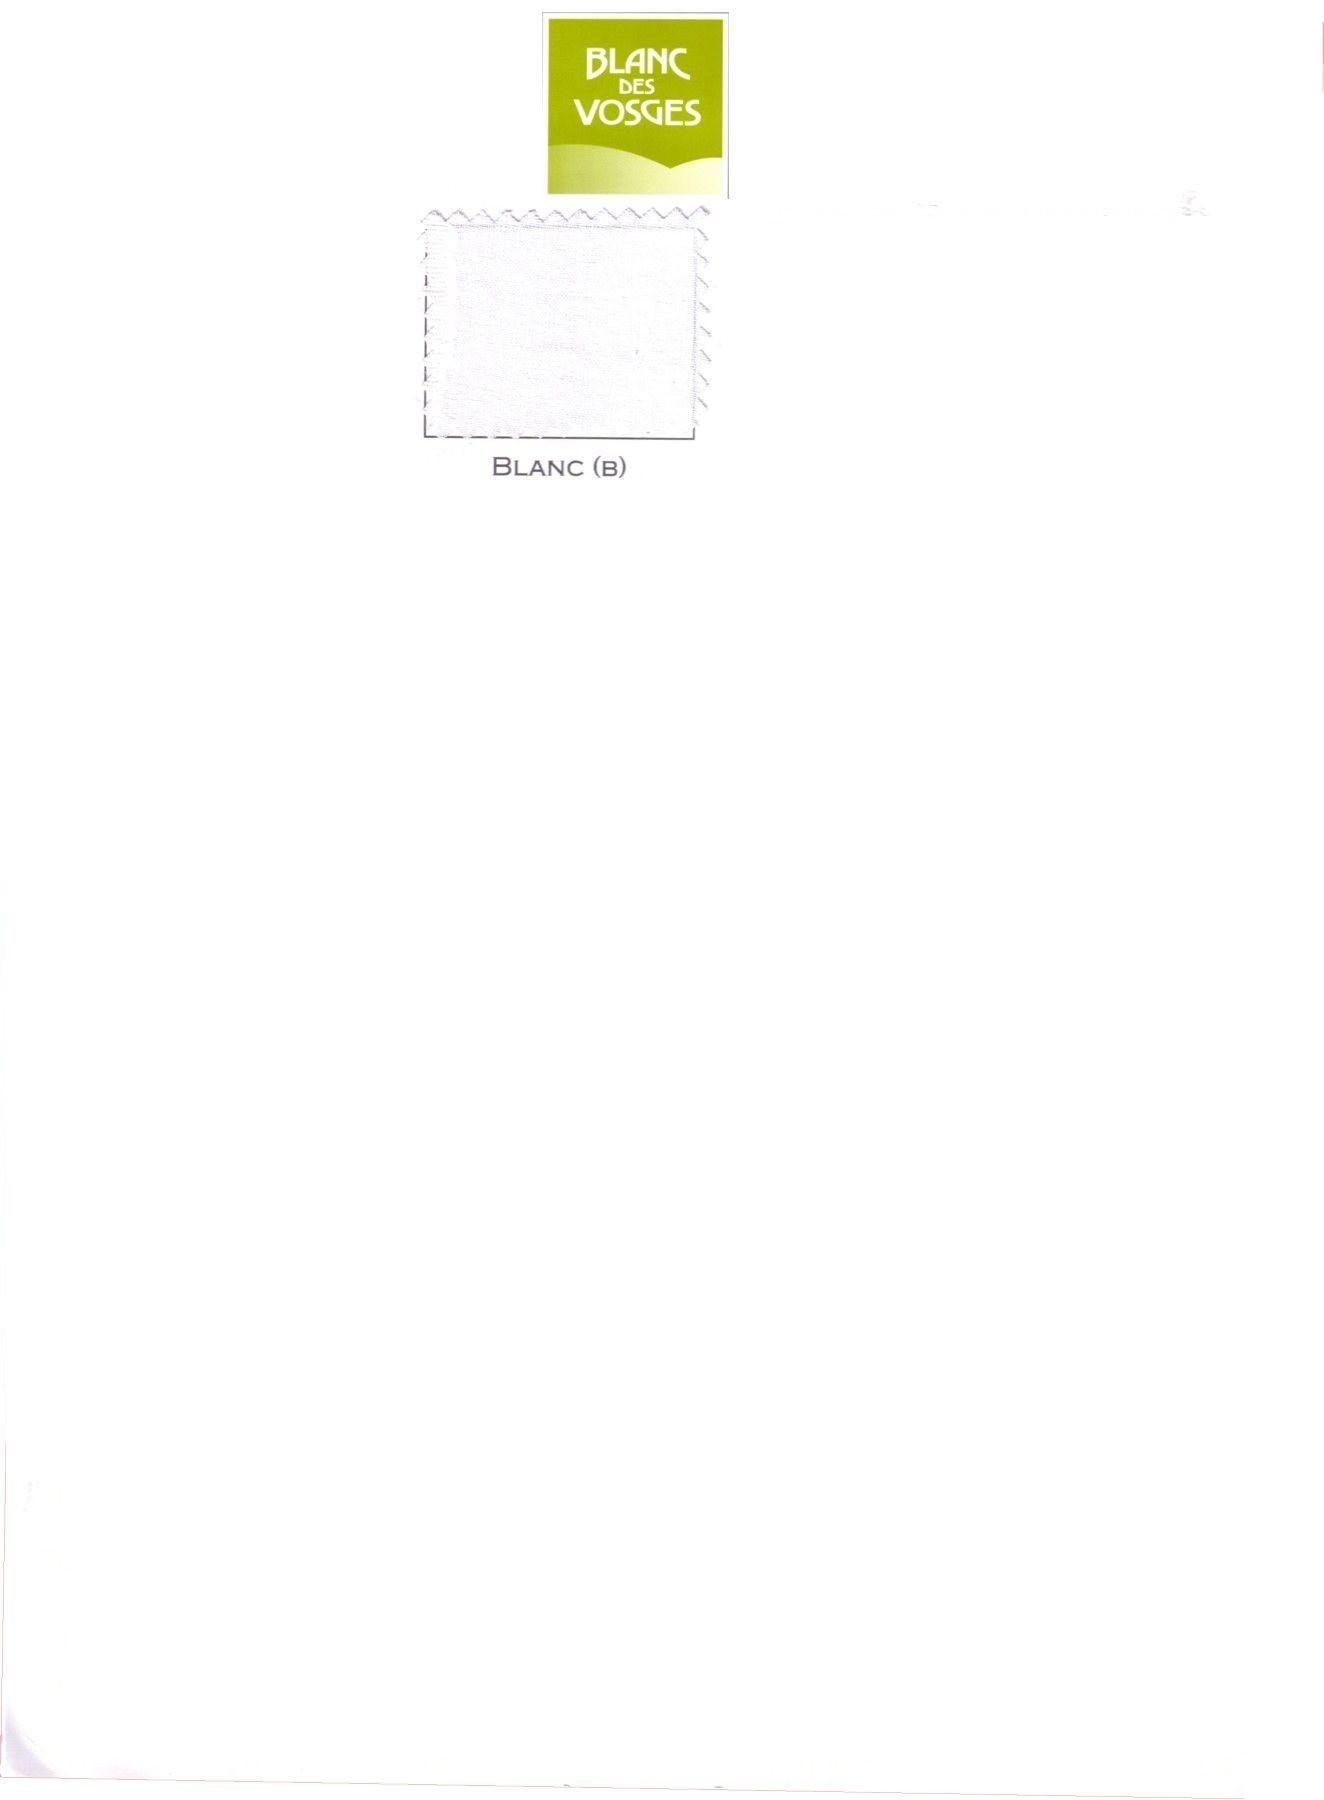 Achat drap housse lit relevable blanc des vosges 2x90x200 - Drap housse blanc des vosges ...